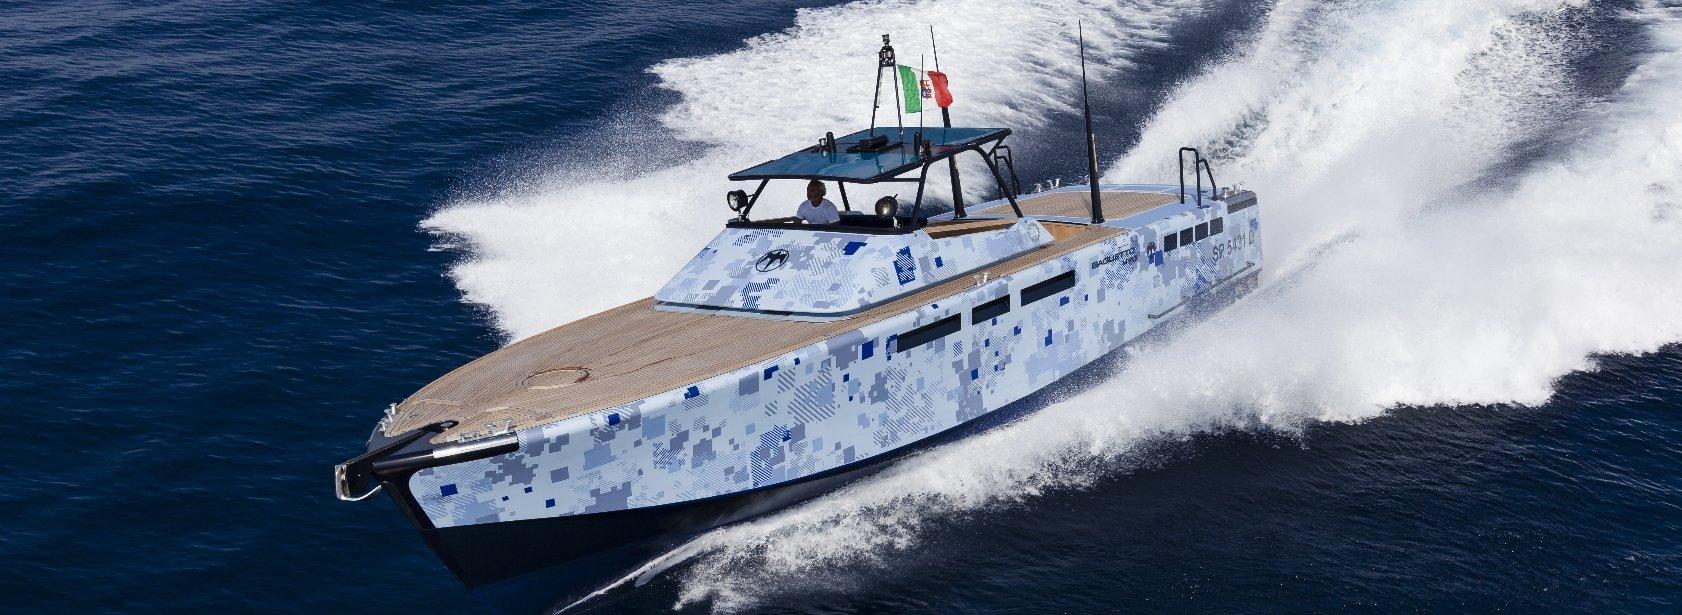 motor-boat-slide-3